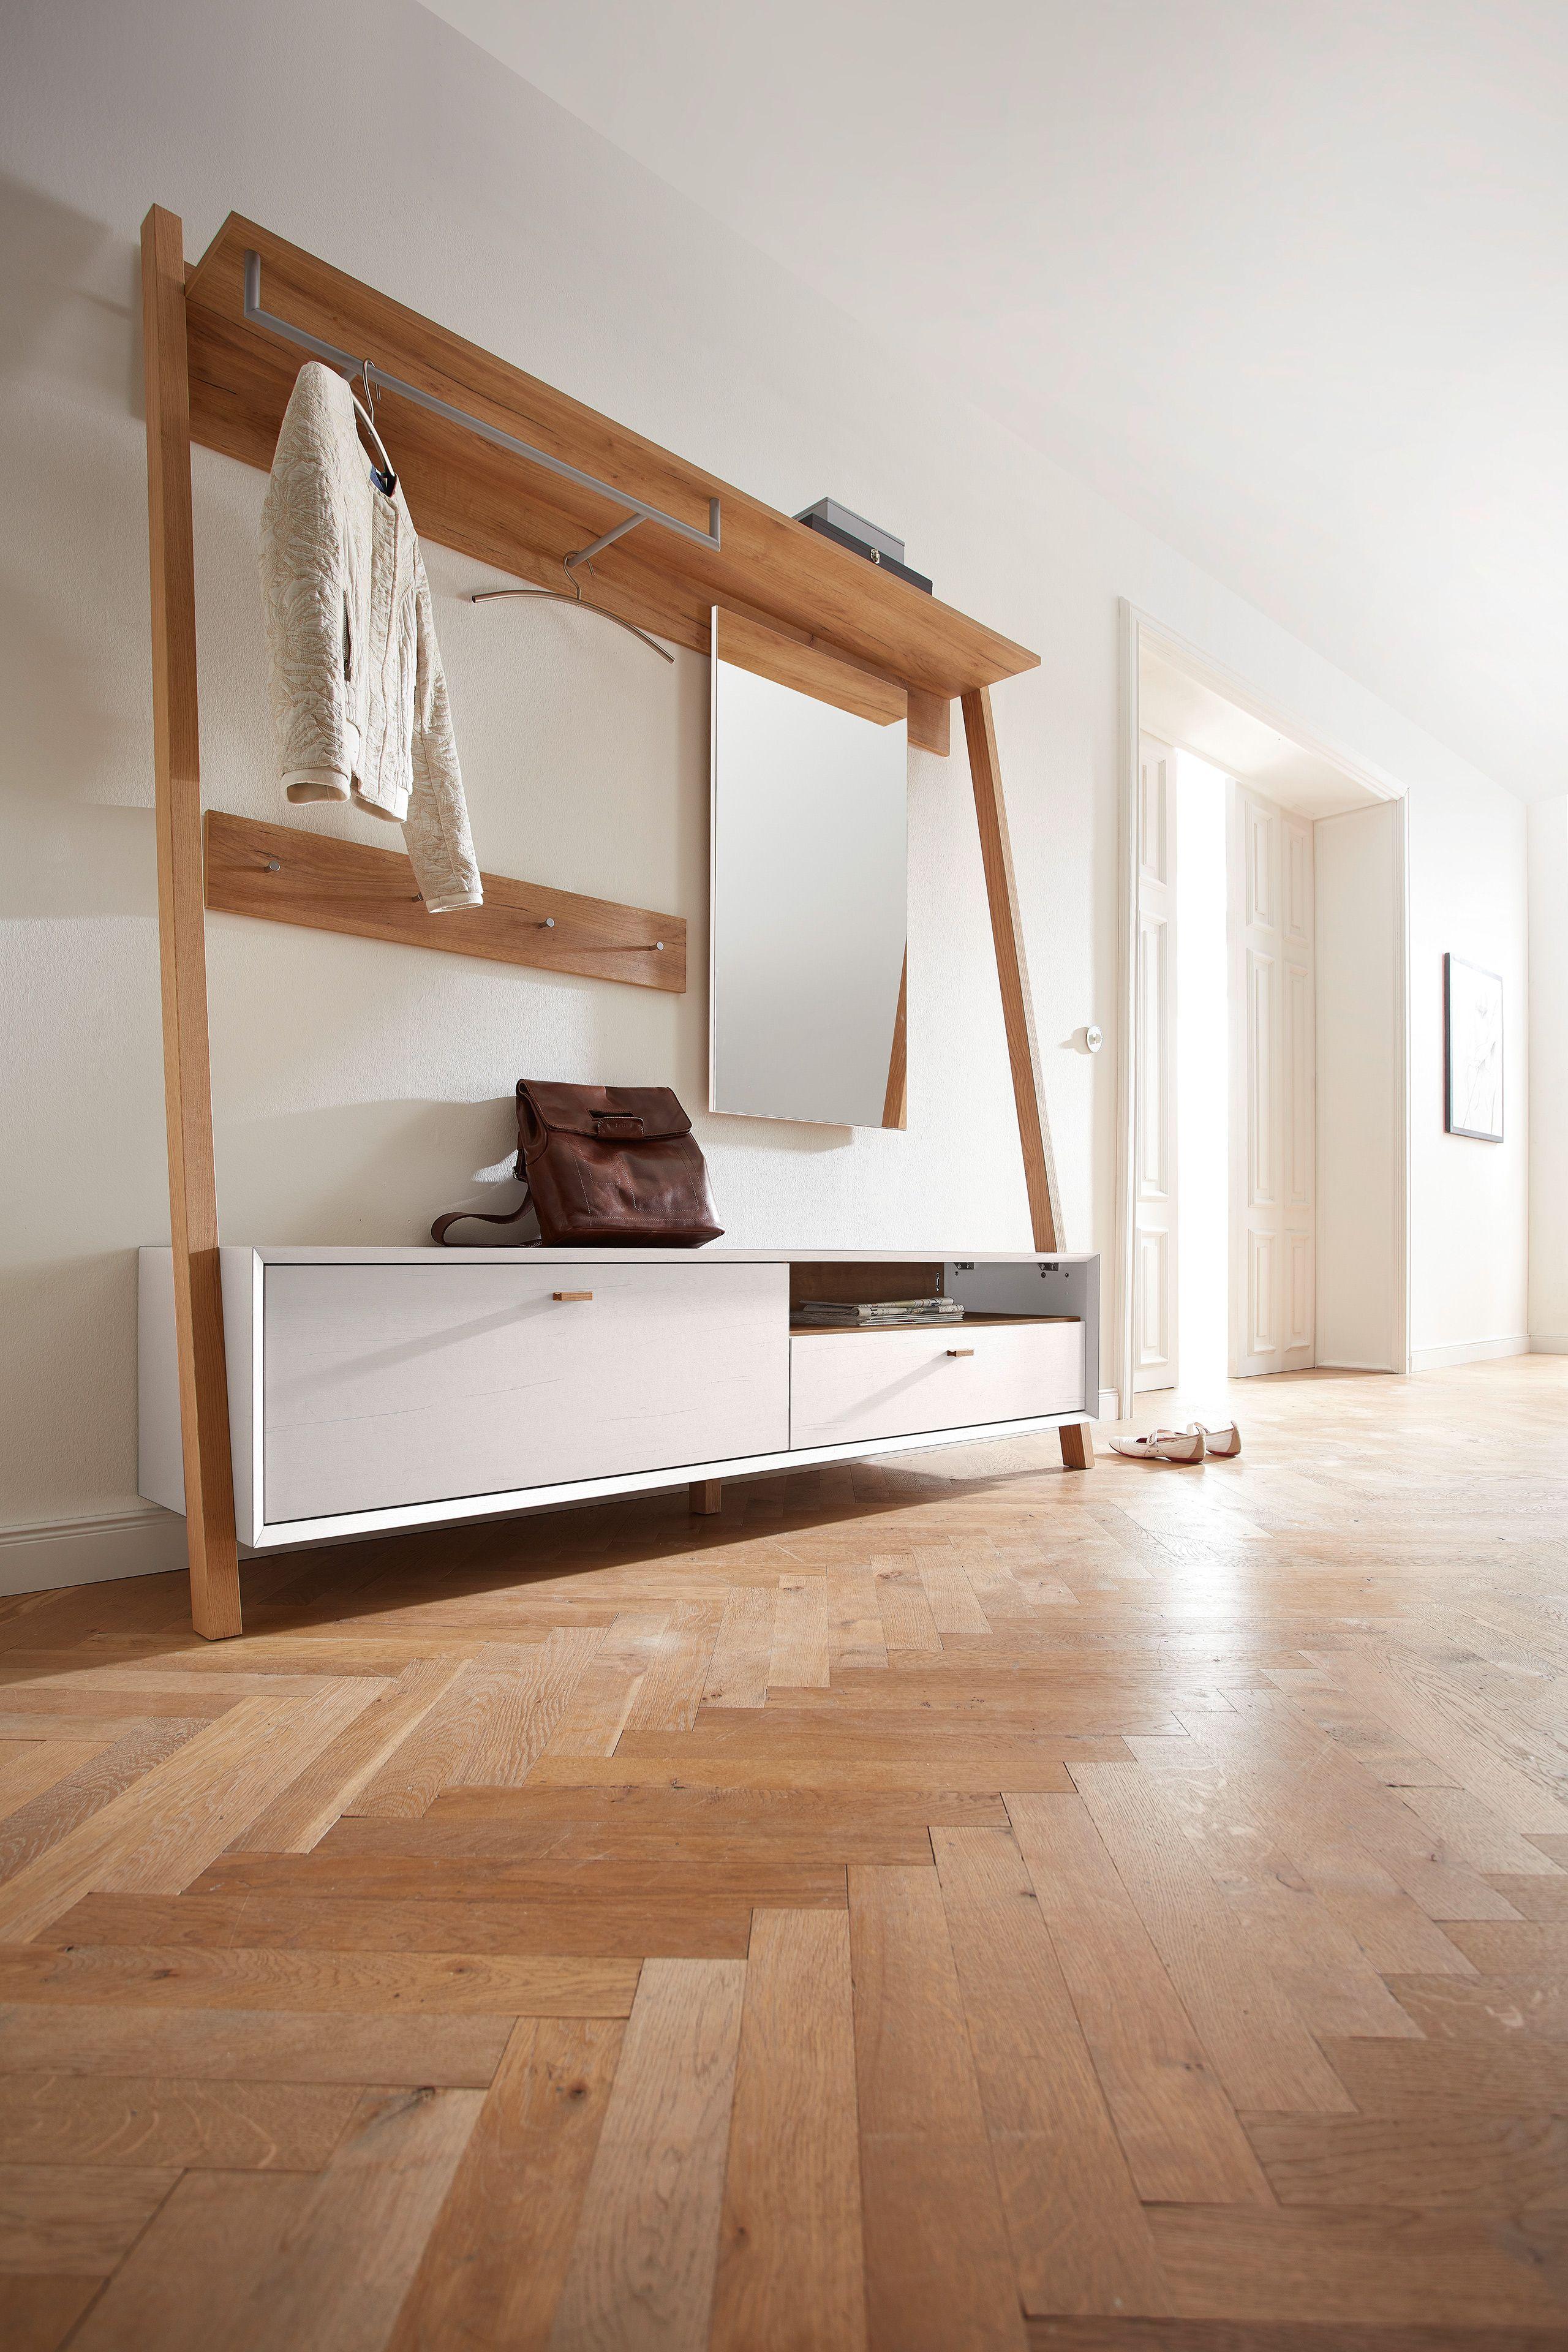 garderobe calvi mit nordischer schlichtheit berzeugt dieser flur im skandinavischen design. Black Bedroom Furniture Sets. Home Design Ideas